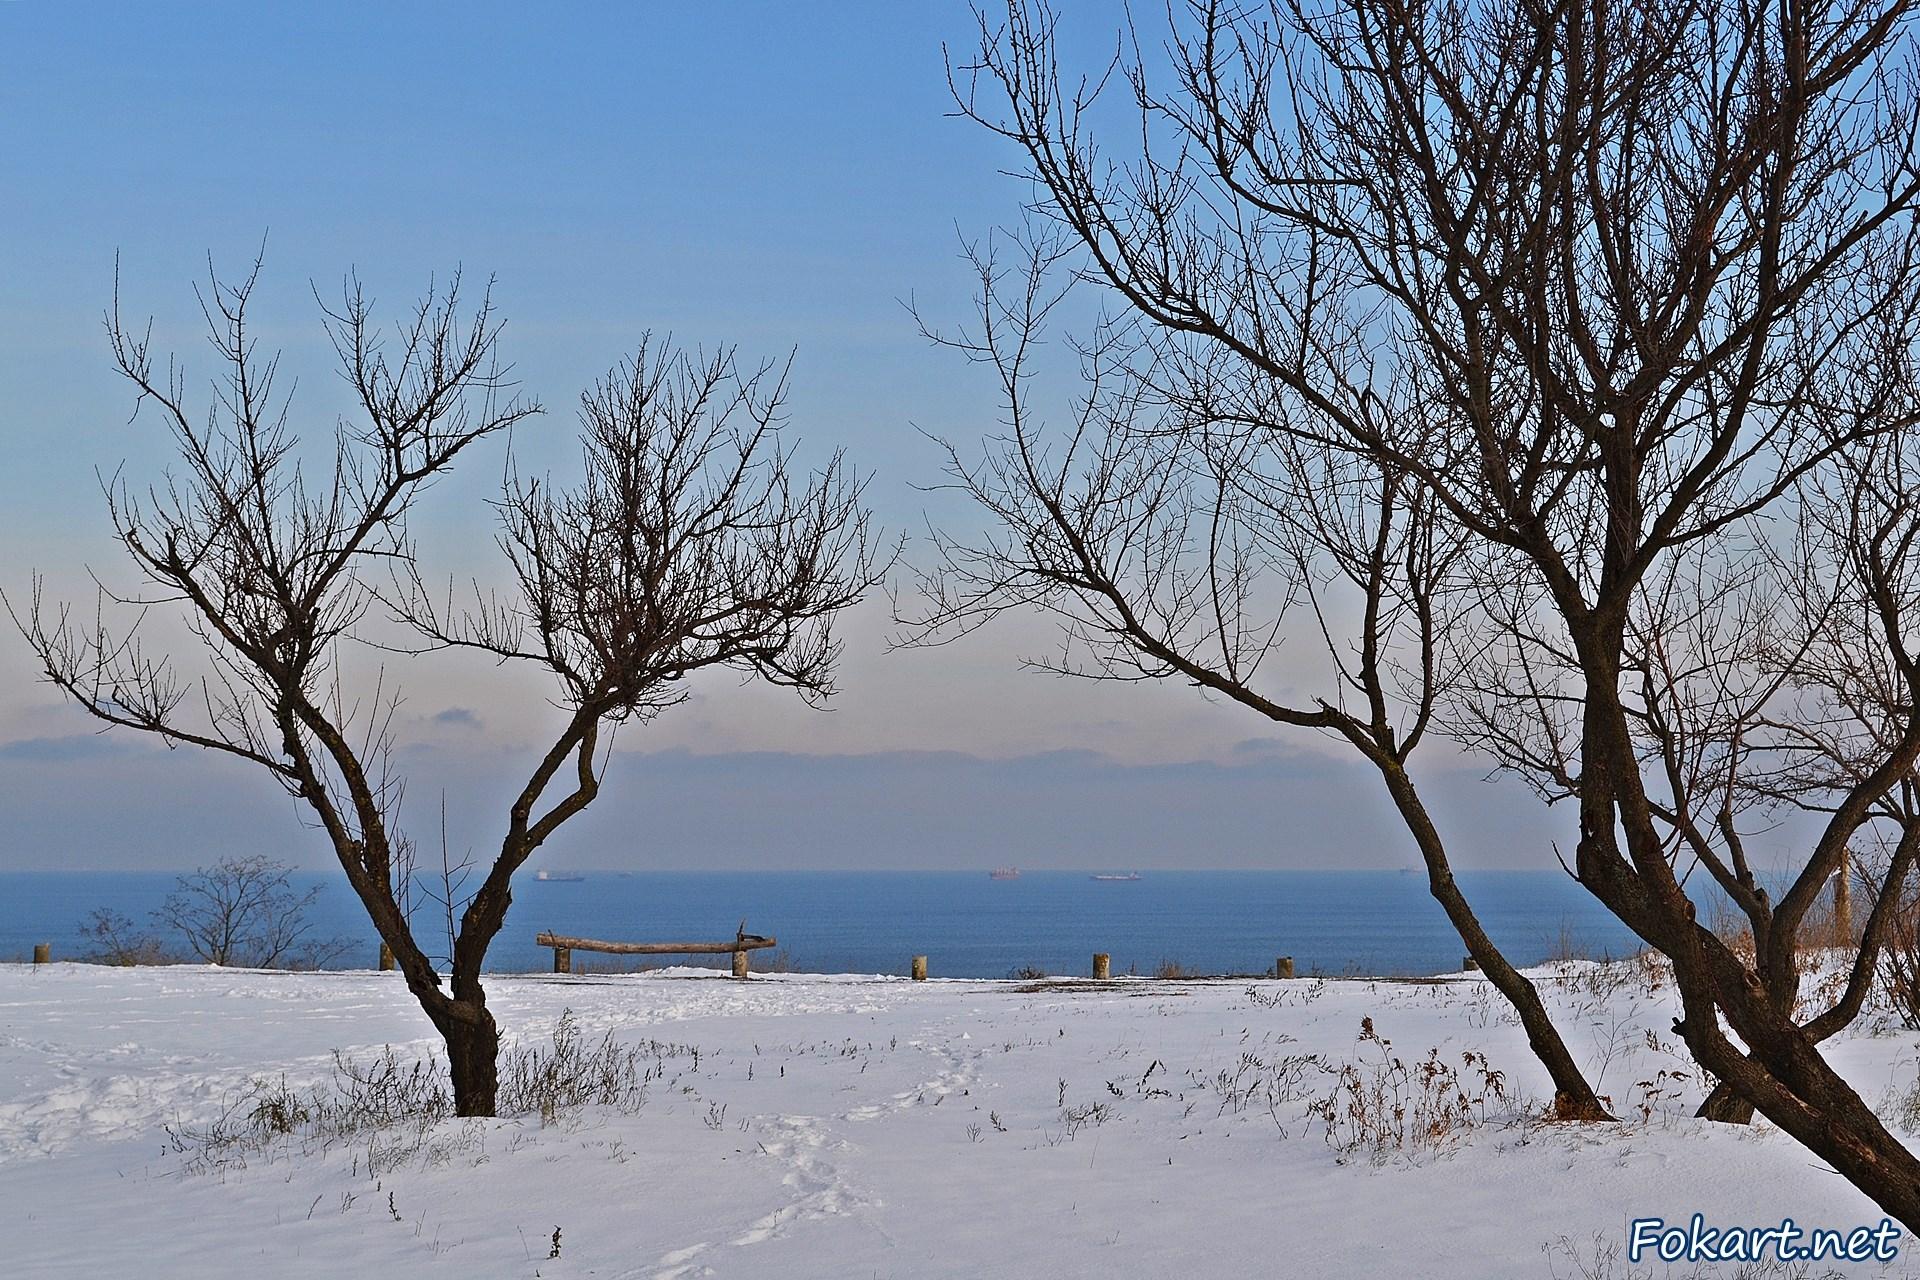 Сухие травы в снегу, голые деревья и вид на море